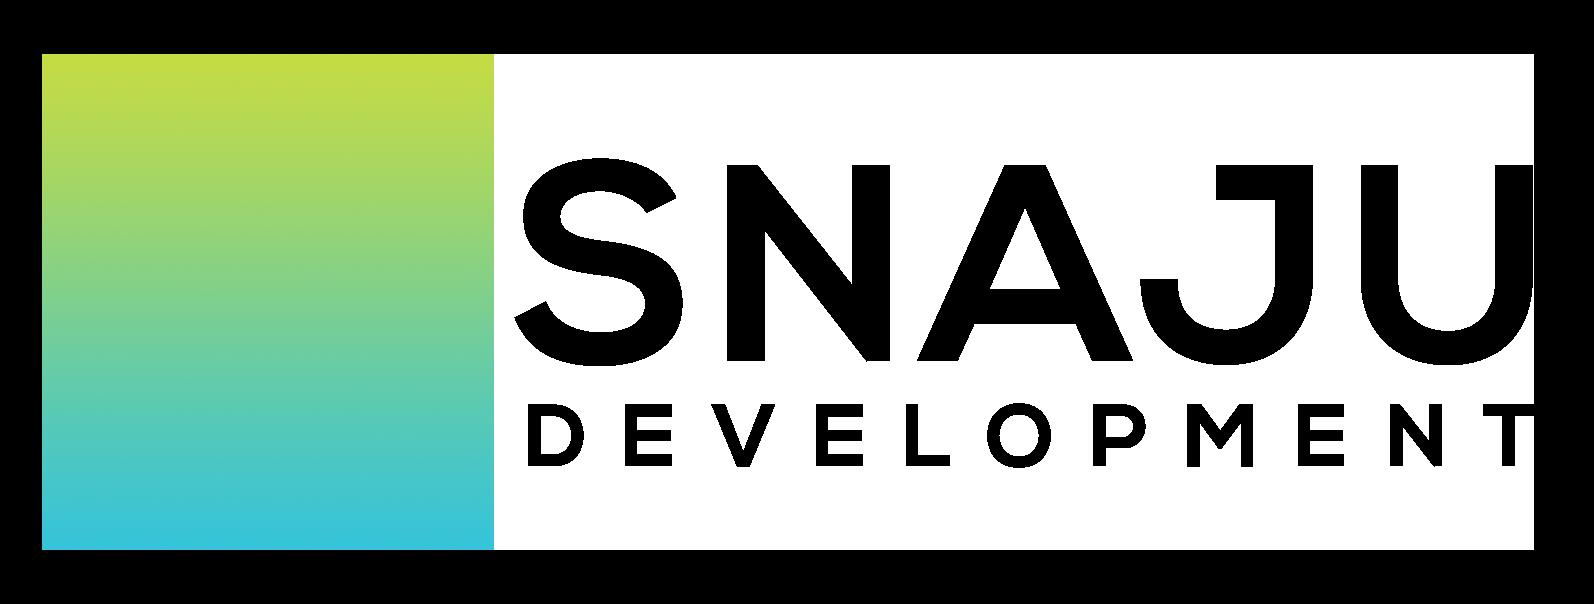 Snaju LLC